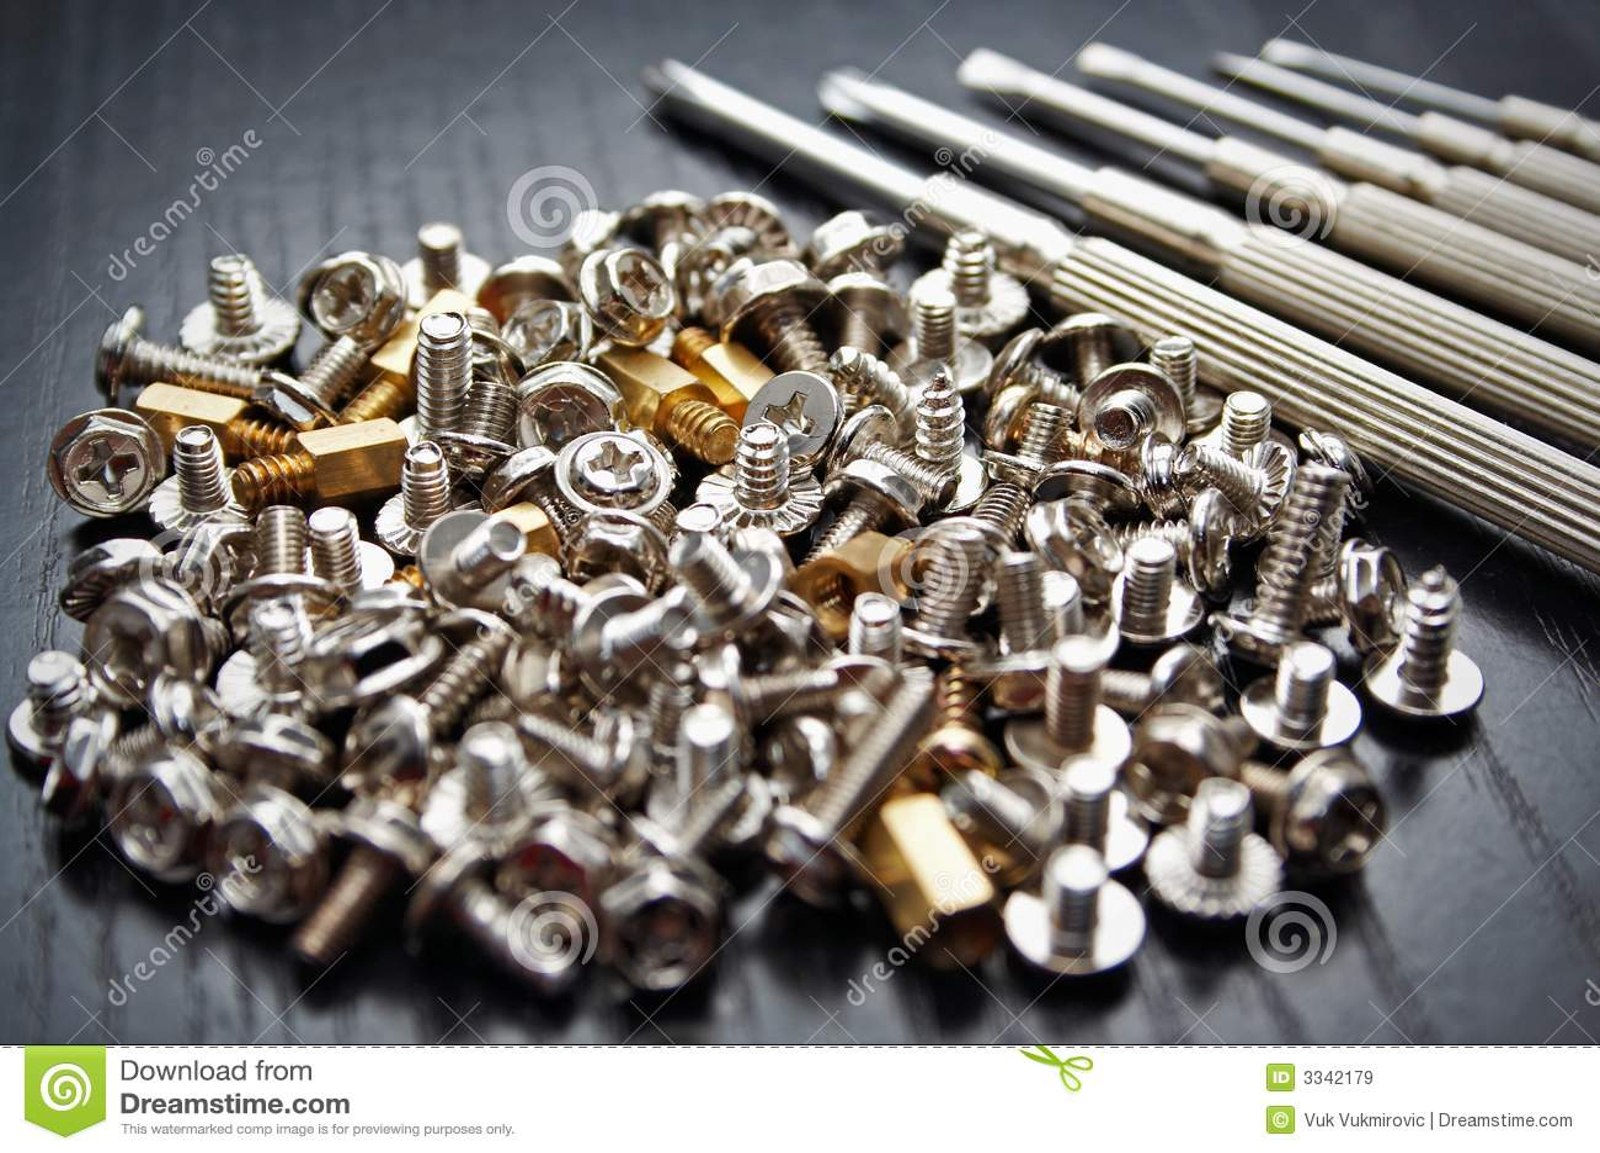 Screws and screwdrivers